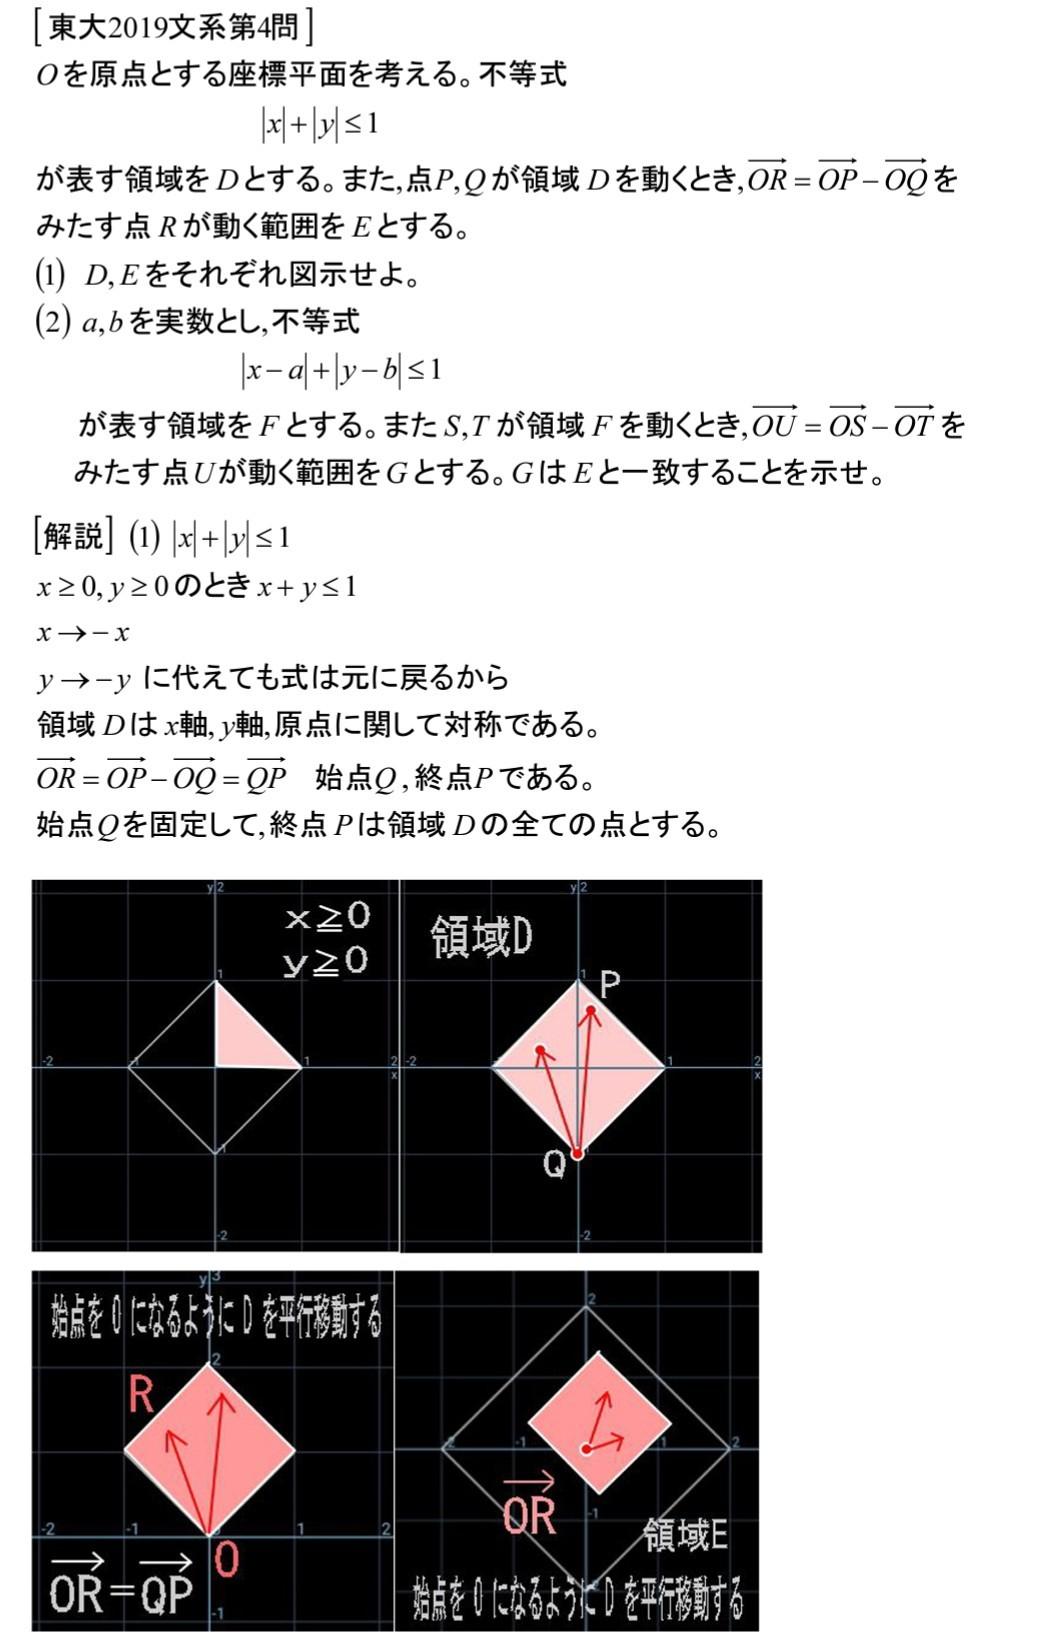 b0368745_07320118.jpg